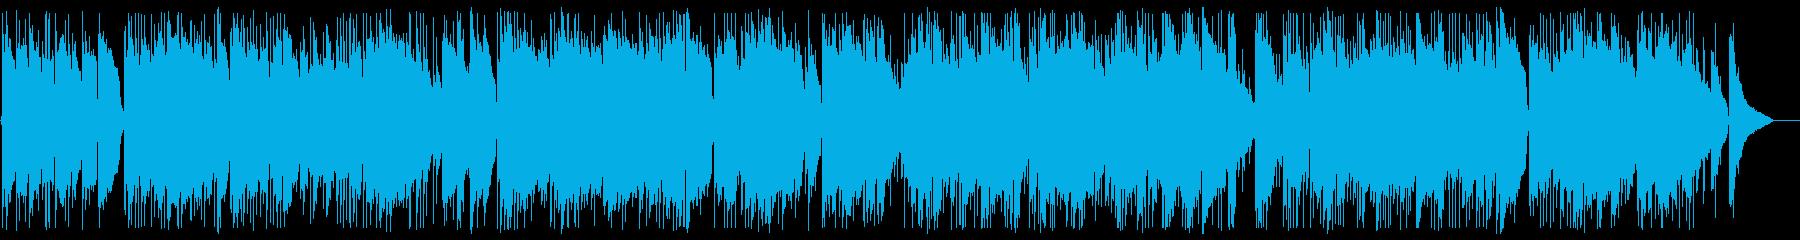 ギターデュオのリゾート系ヒーリングの再生済みの波形